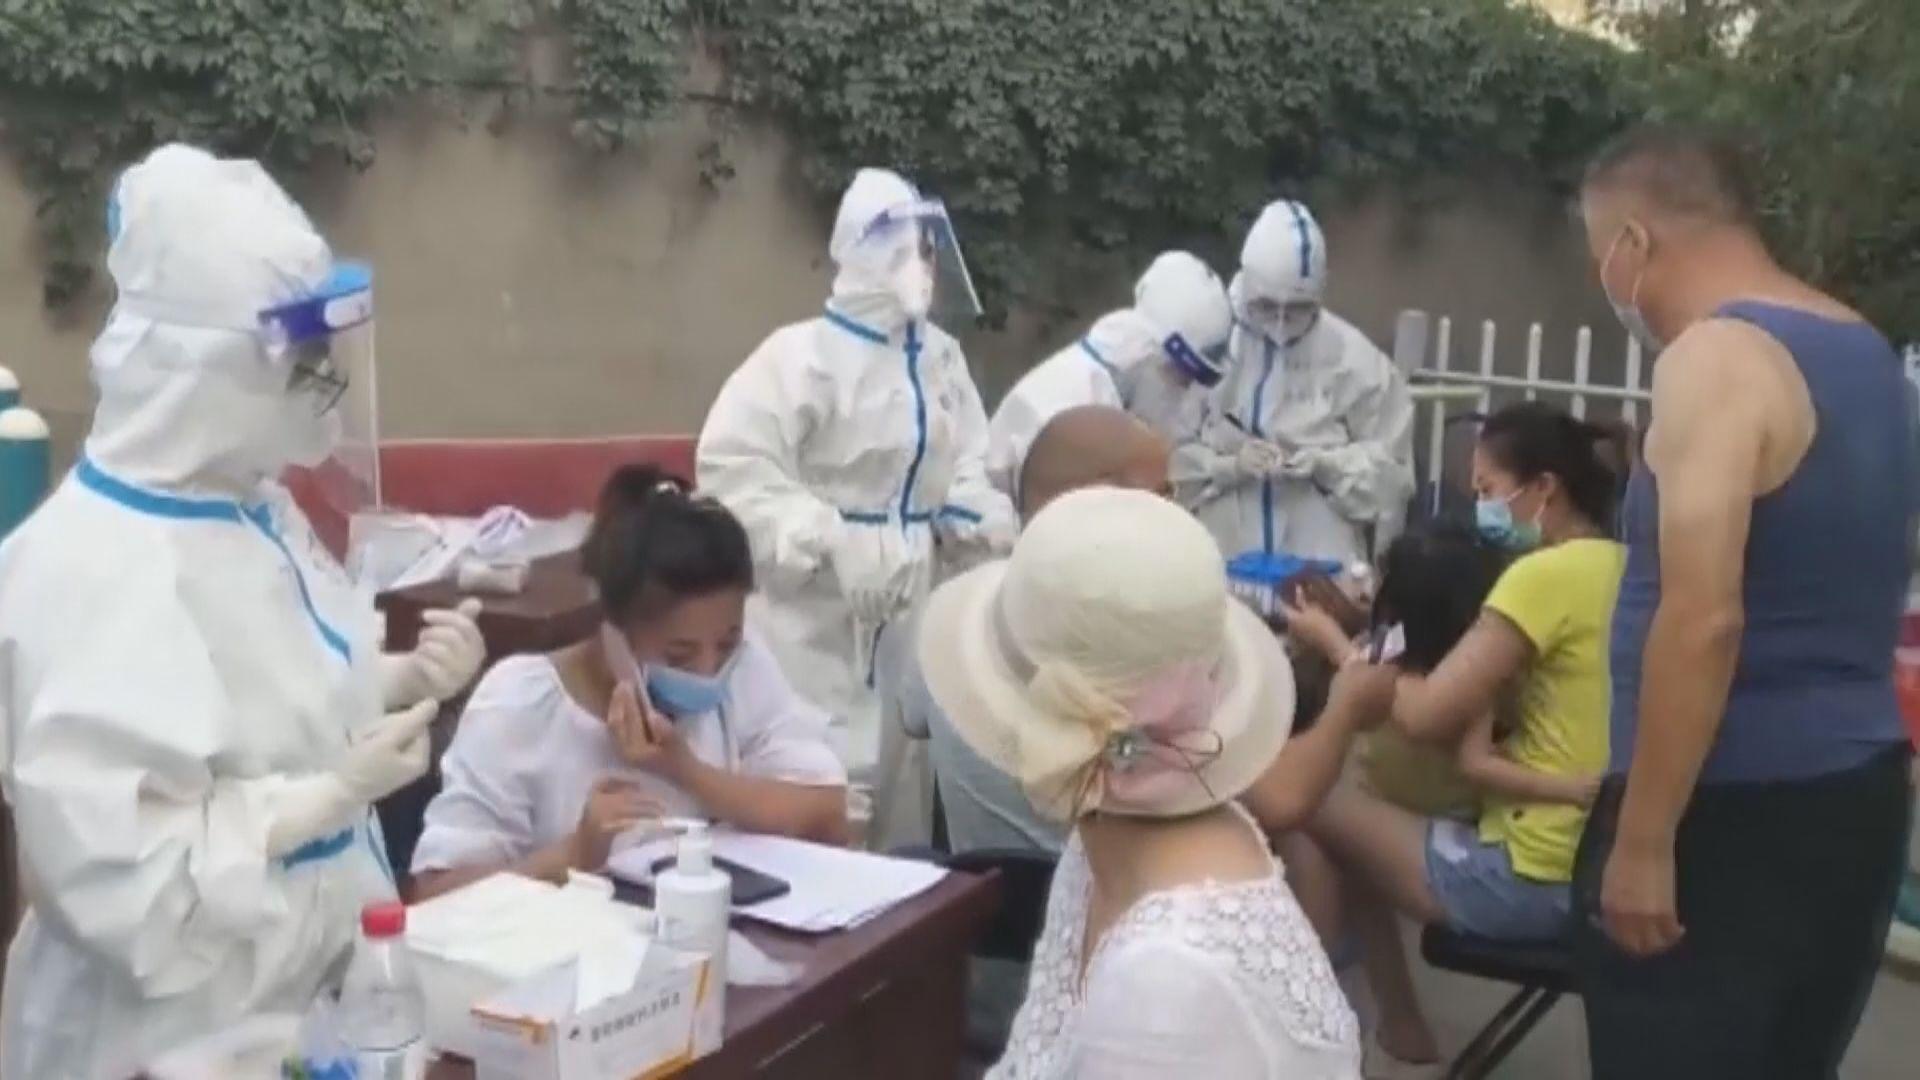 遼寧大連連續三天出現確診病例 市內近20萬人將接受檢測